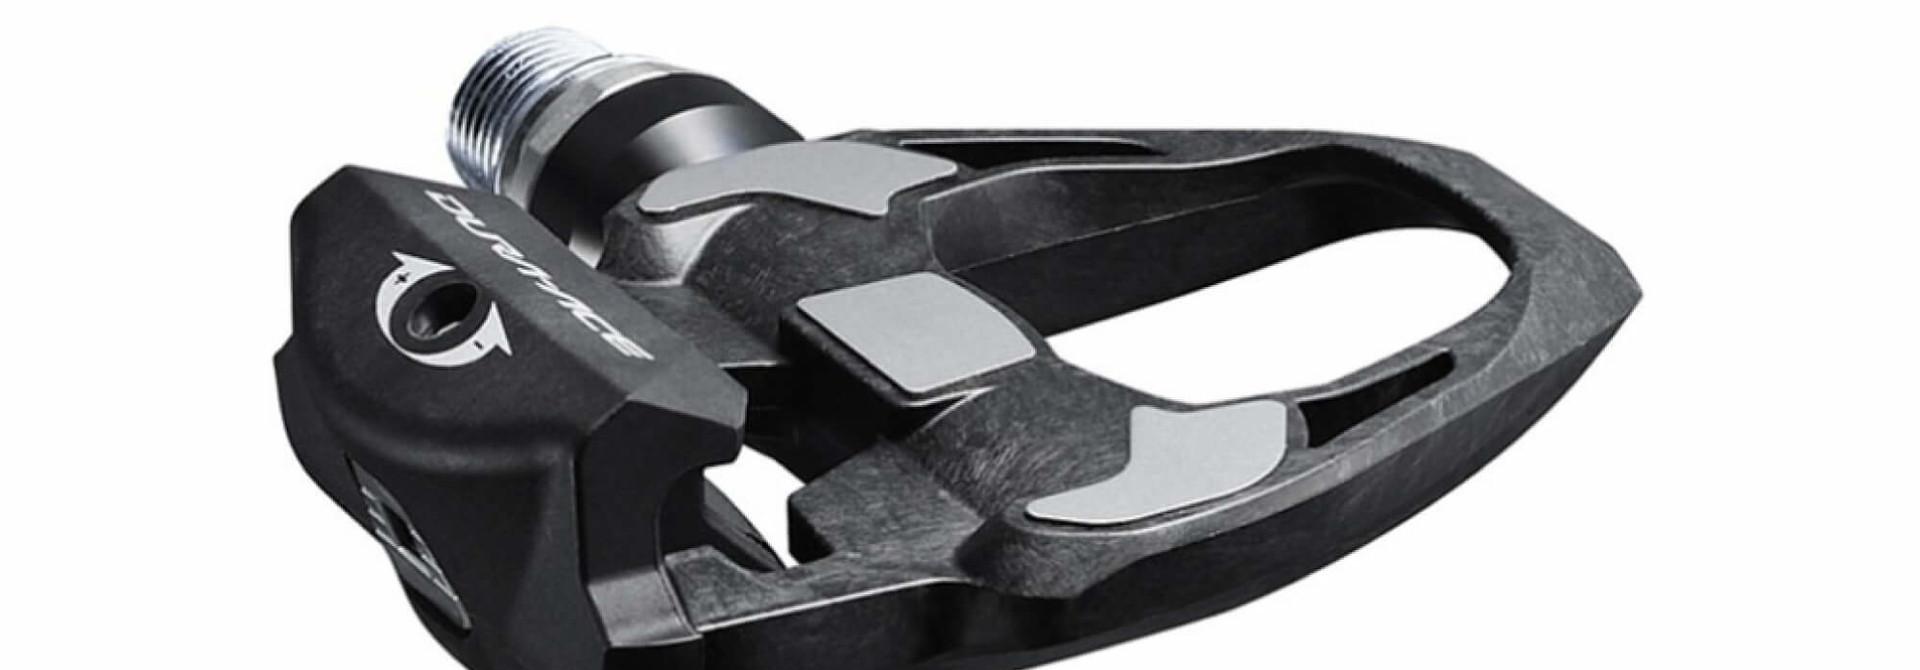 PD-R9100 SPD-SL Pedals Dura-Ace R9100